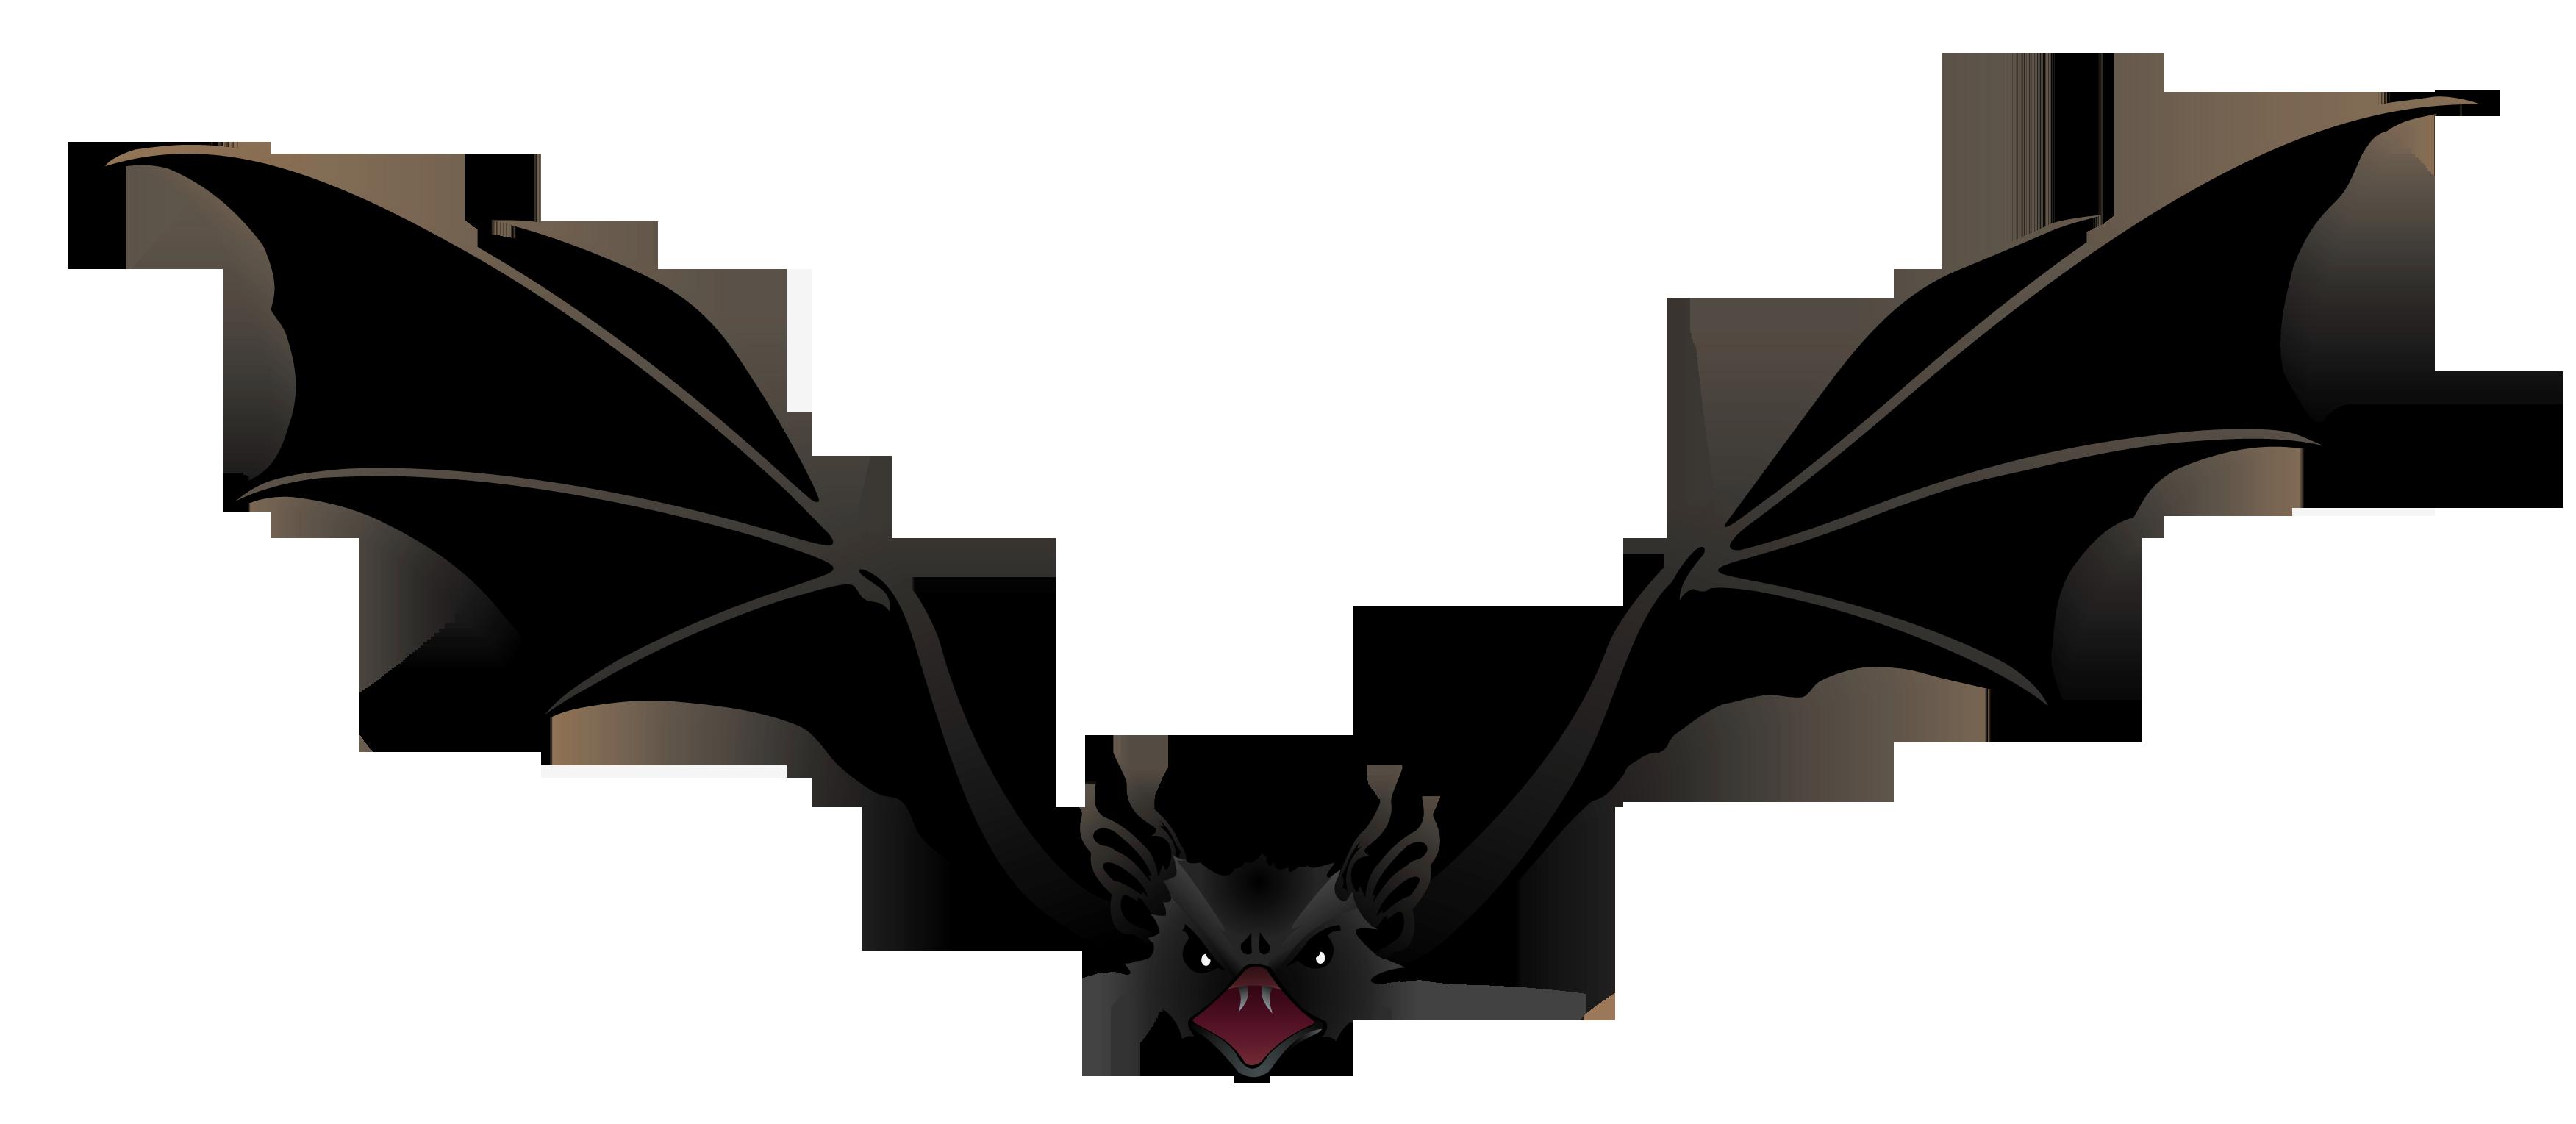 3504x1529 Bat Clipart Creepy